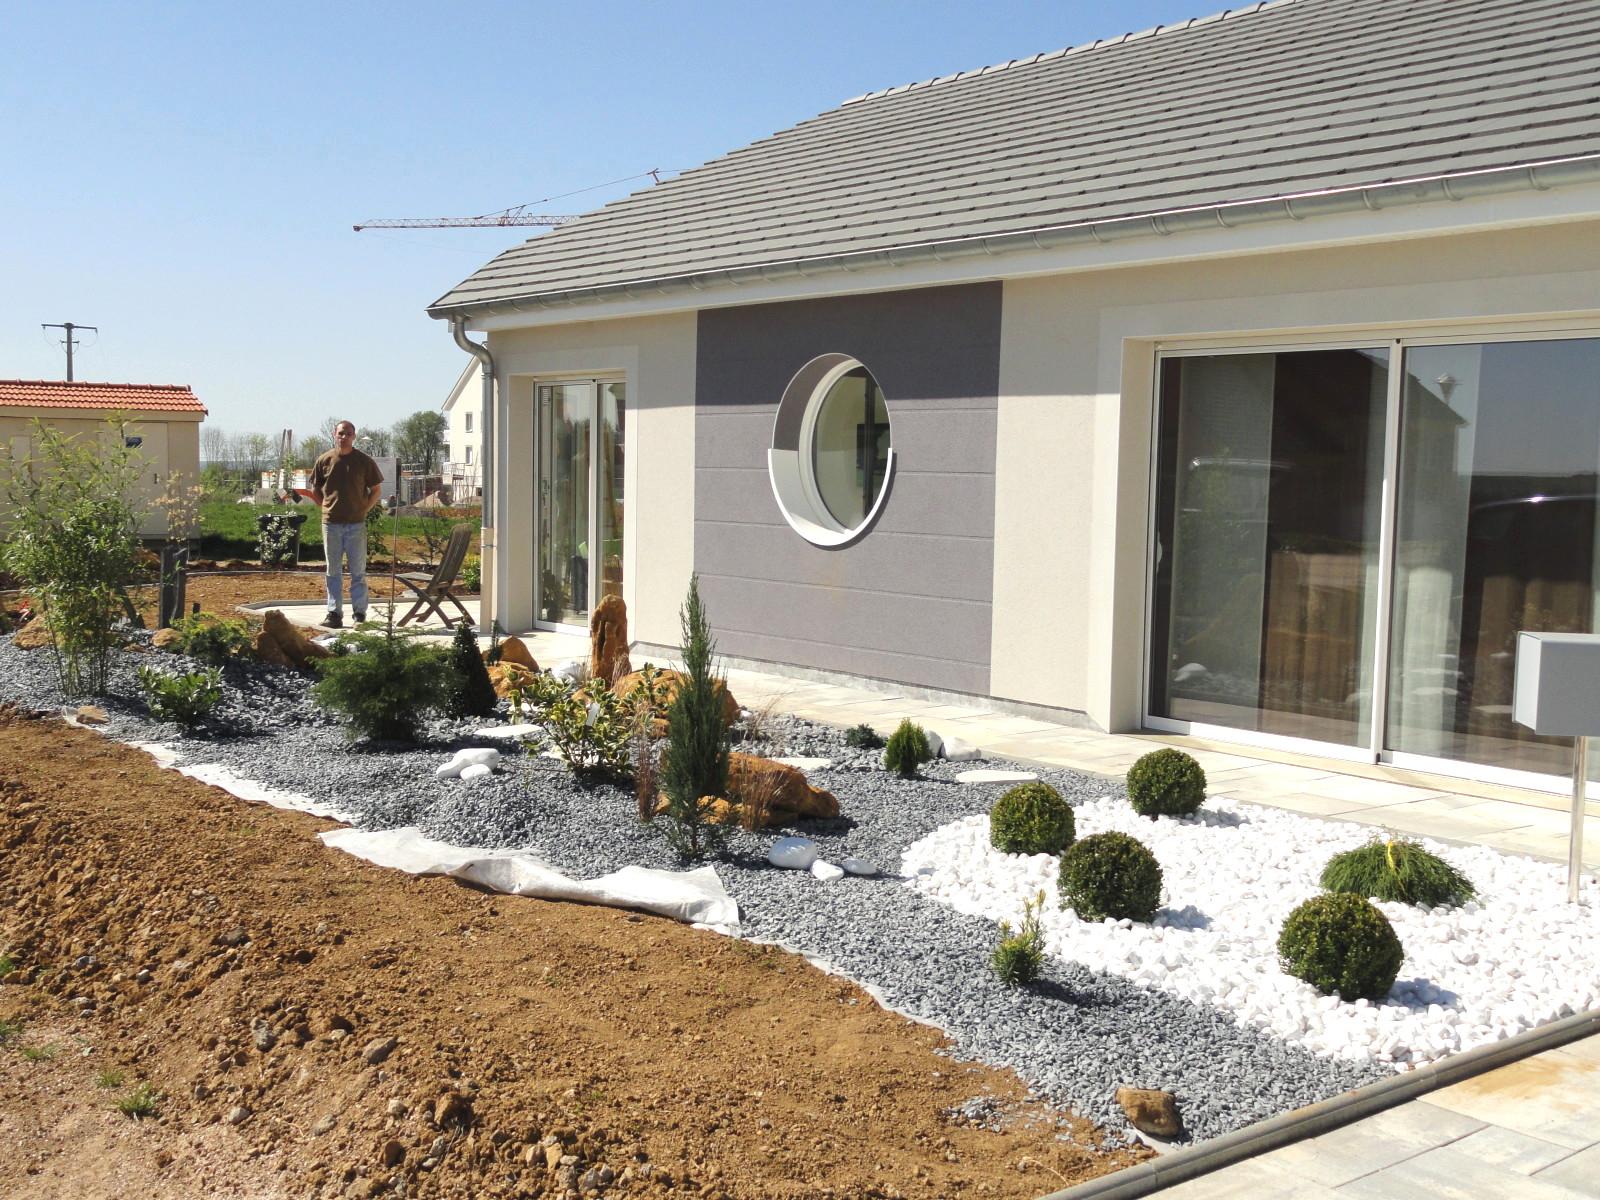 Belle Jardin Devant Maison Terrasse Amenagement Devant Maison QW-36